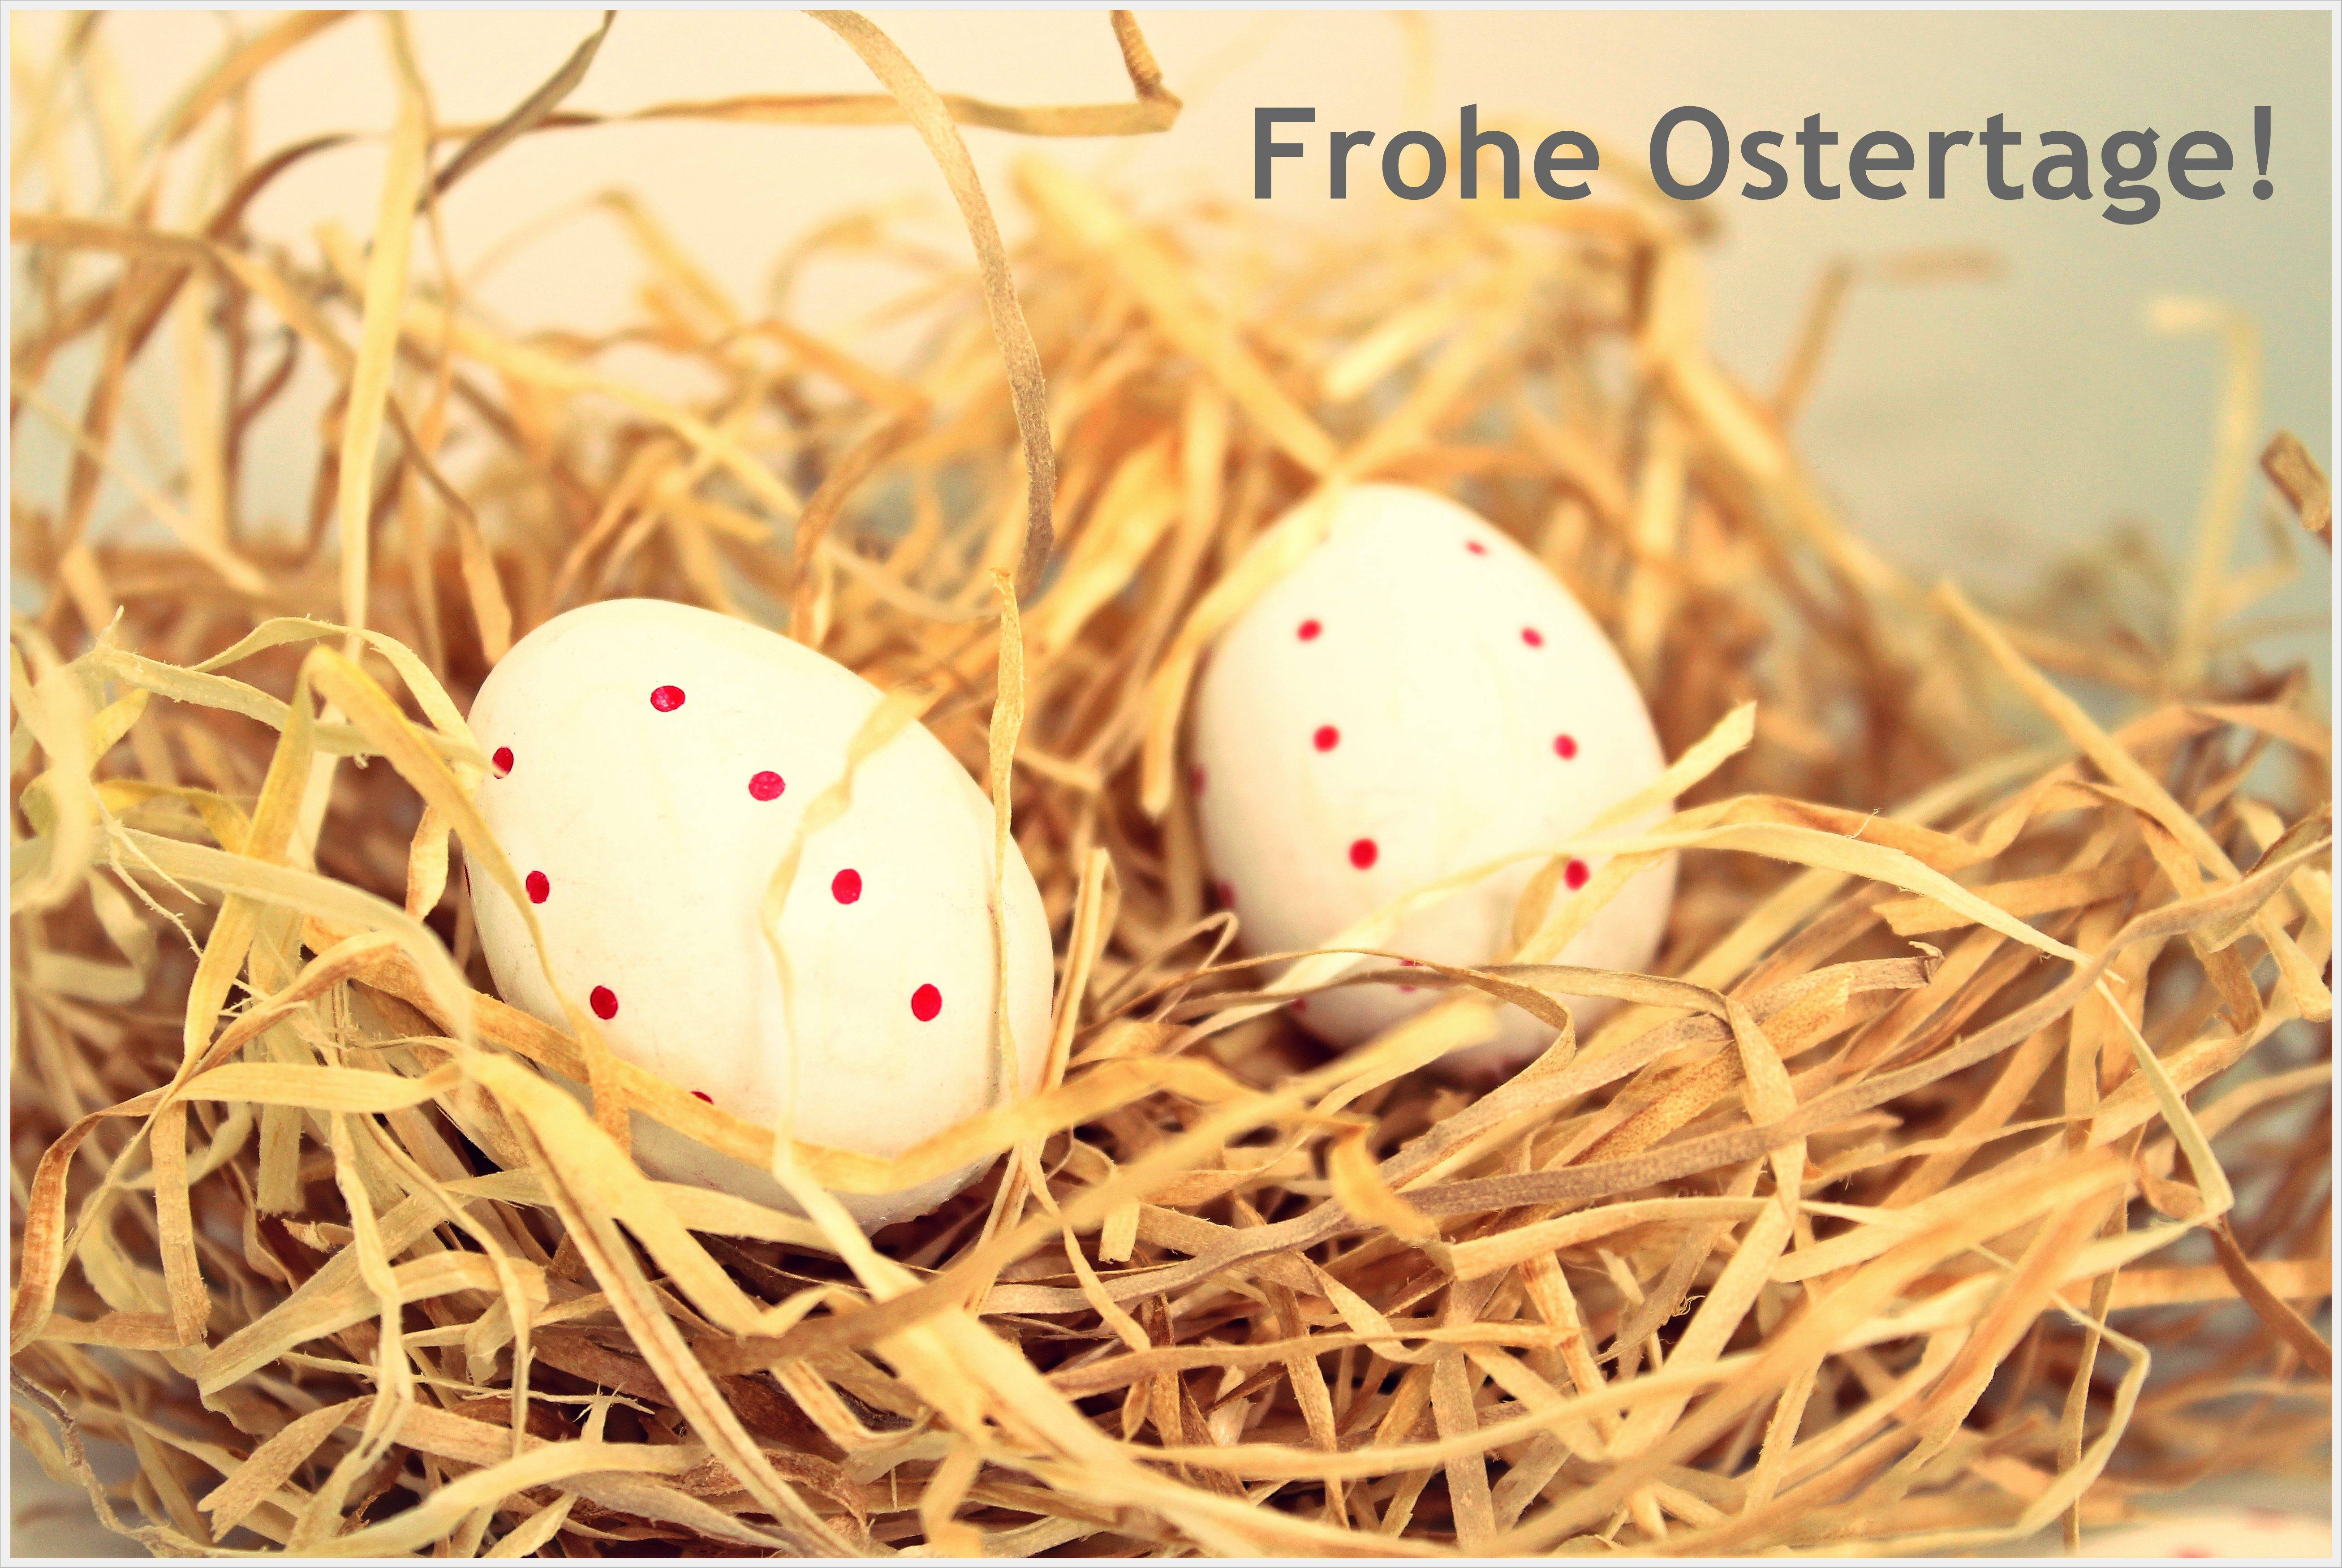 Frohe Ostertage wünscht Ihre Unternehmensberatung Essen